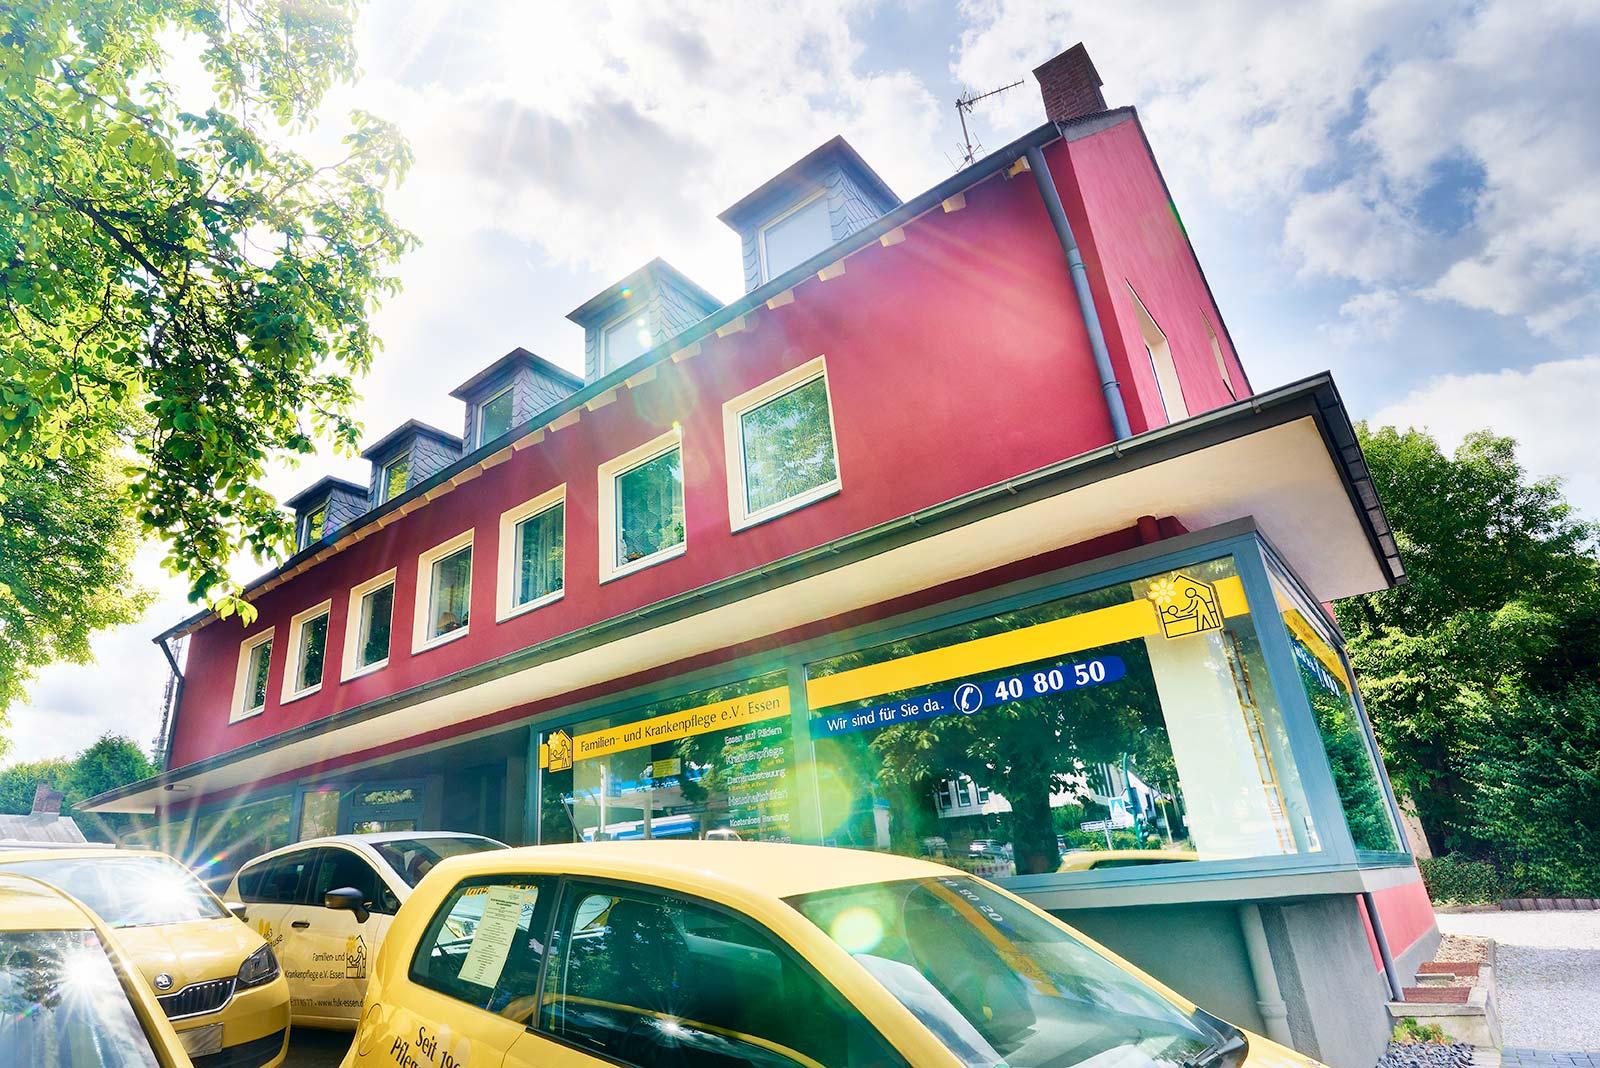 Immobilie in Essen Werden: Mehrfamilienhaus 6 Wohneinheiten (2 davon gewerblich genutzt)